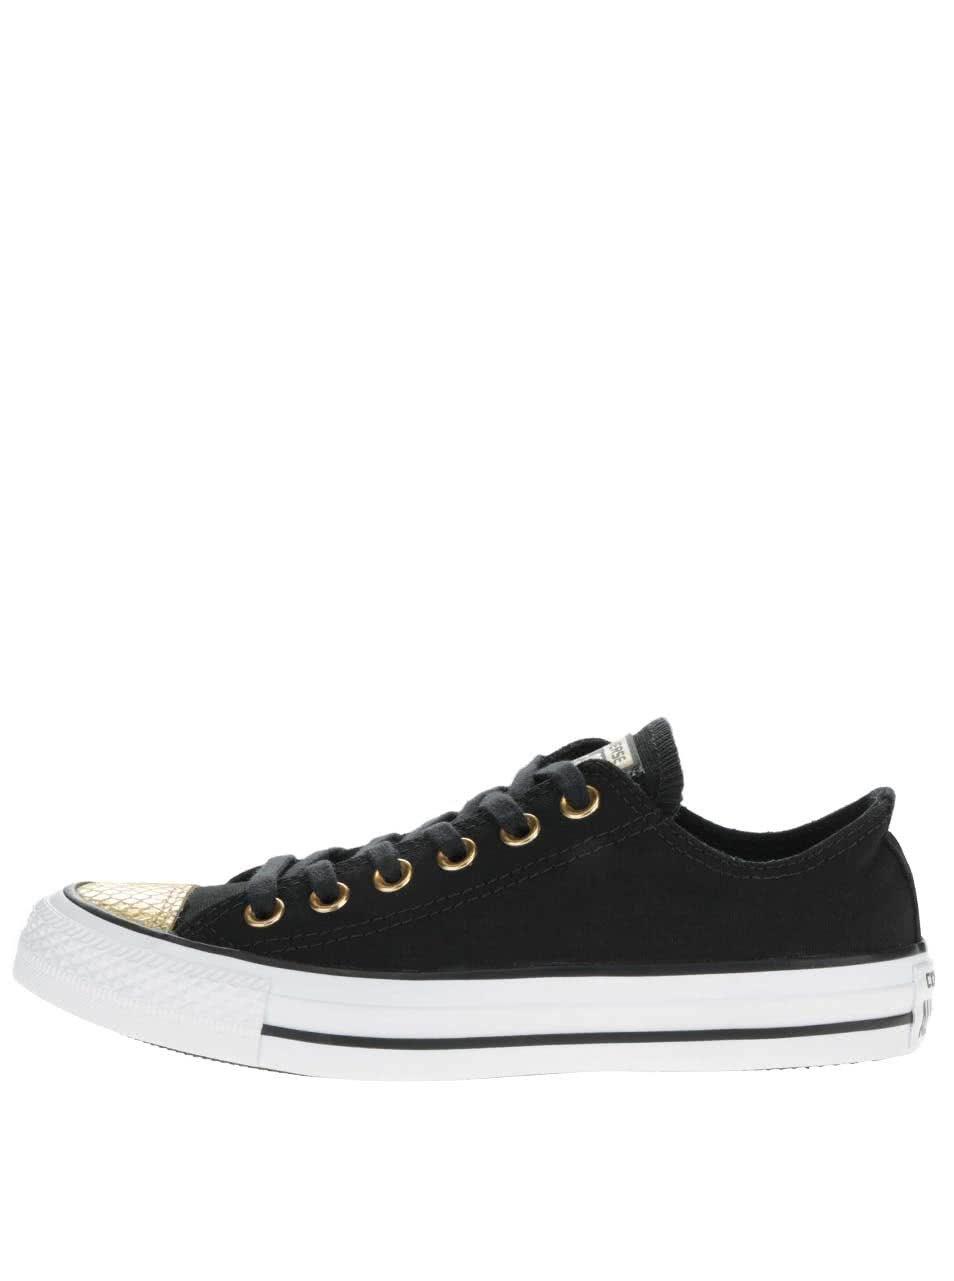 c3ba0314334e5 Bielo-čierne dámske tenisky s detailmi v zlatej farbe Converse Chuck Taylor  All Star ...